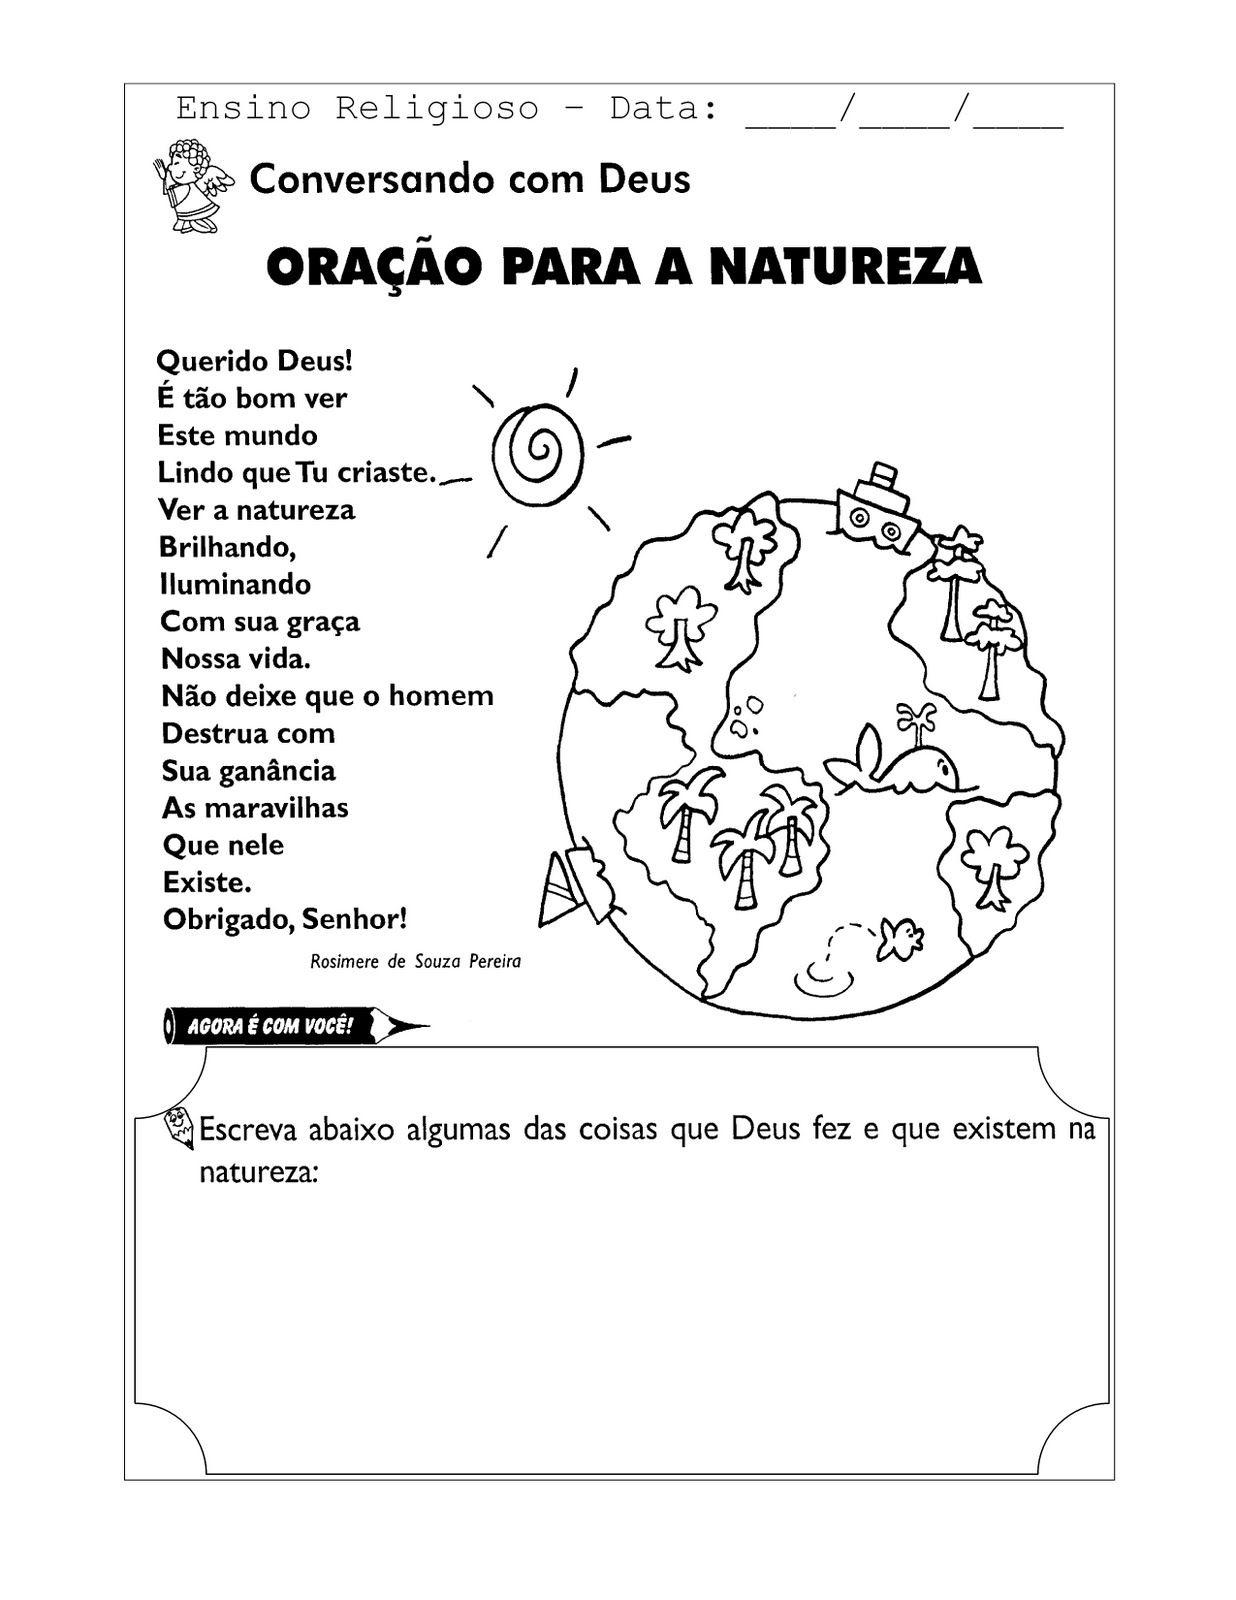 Rel Oracao Para A Natureza 0001 Jpg 1236 1600 Ensino Religioso